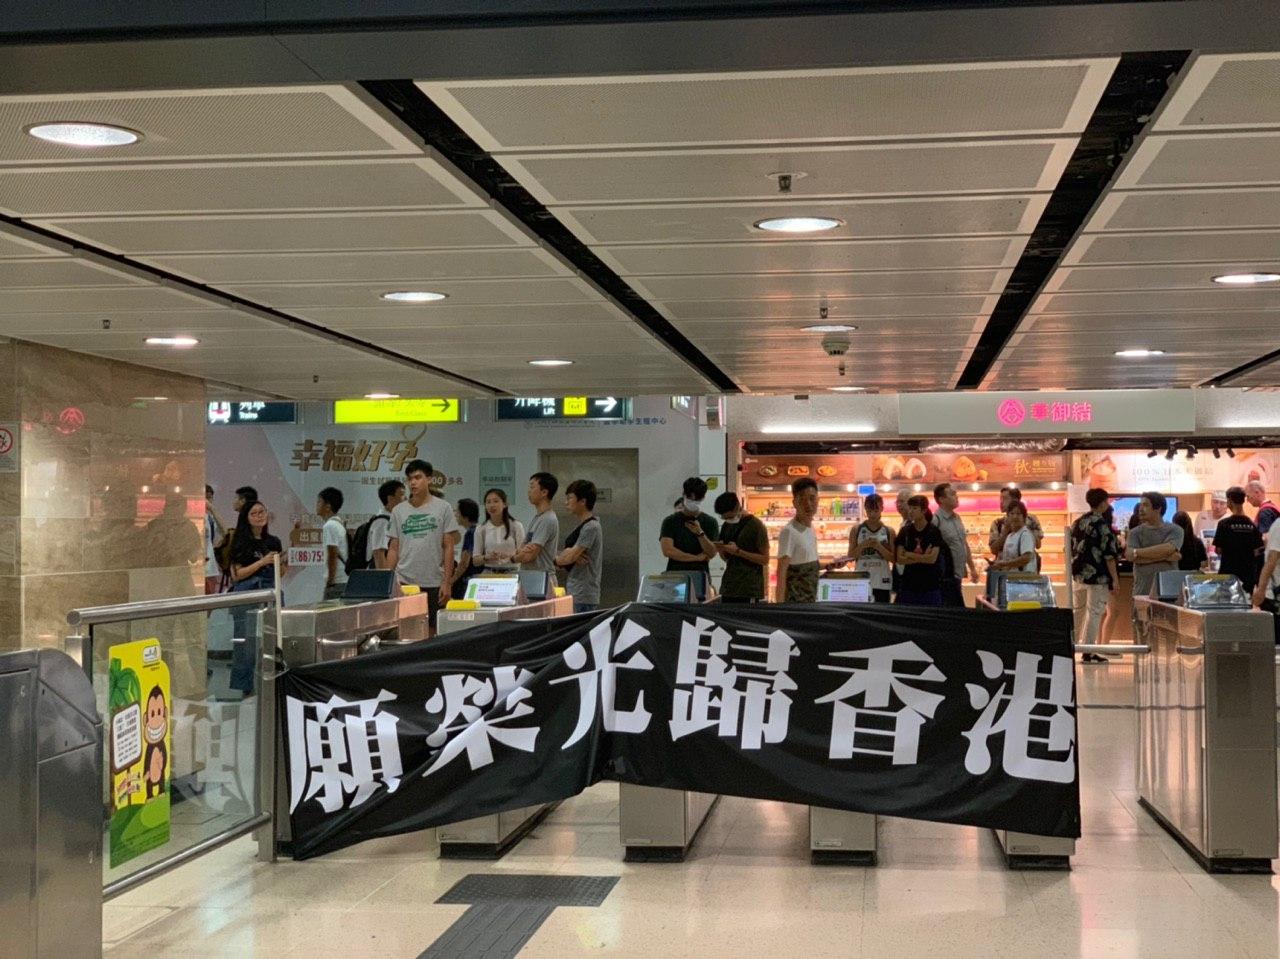 閘機掛上「願榮光歸香港」黑底白色橫額。